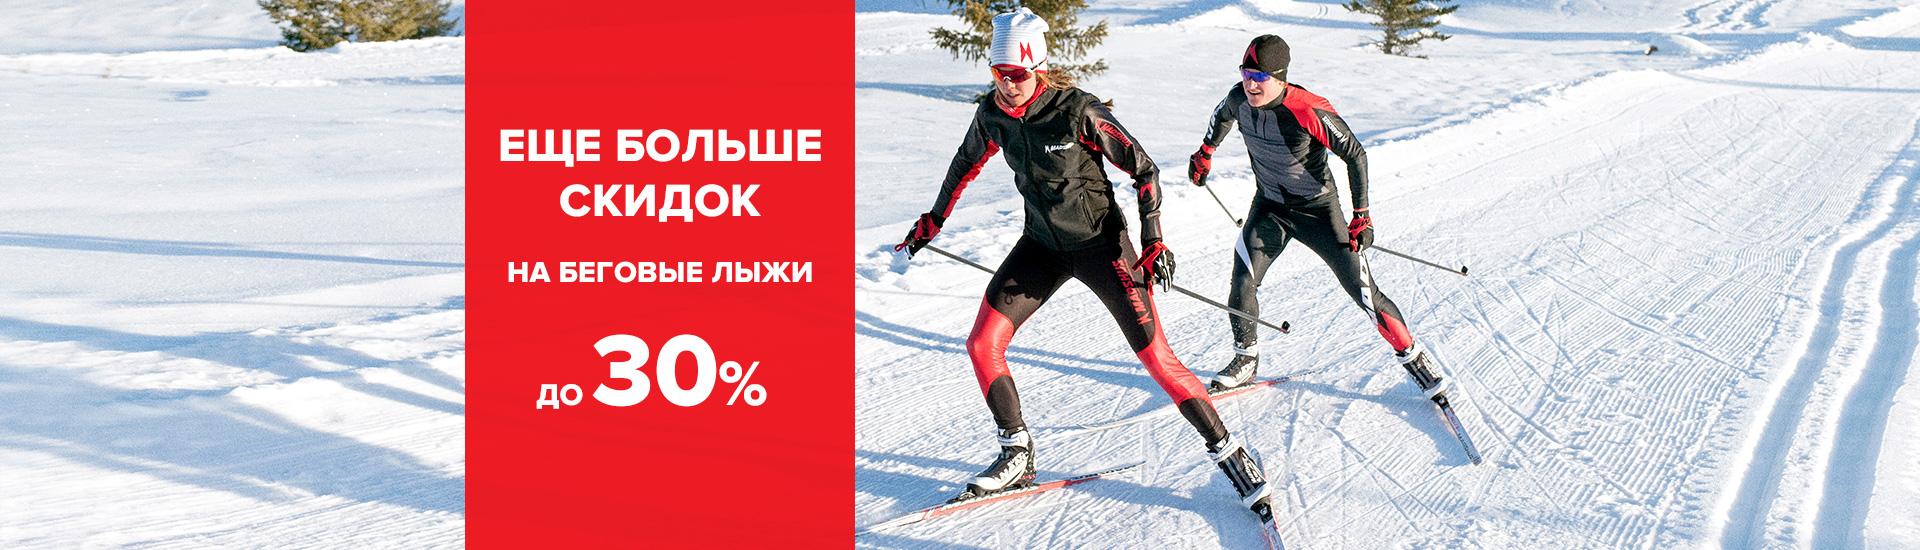 Спортмастер - сеть спортивных магазинов. cbed6f98dc5